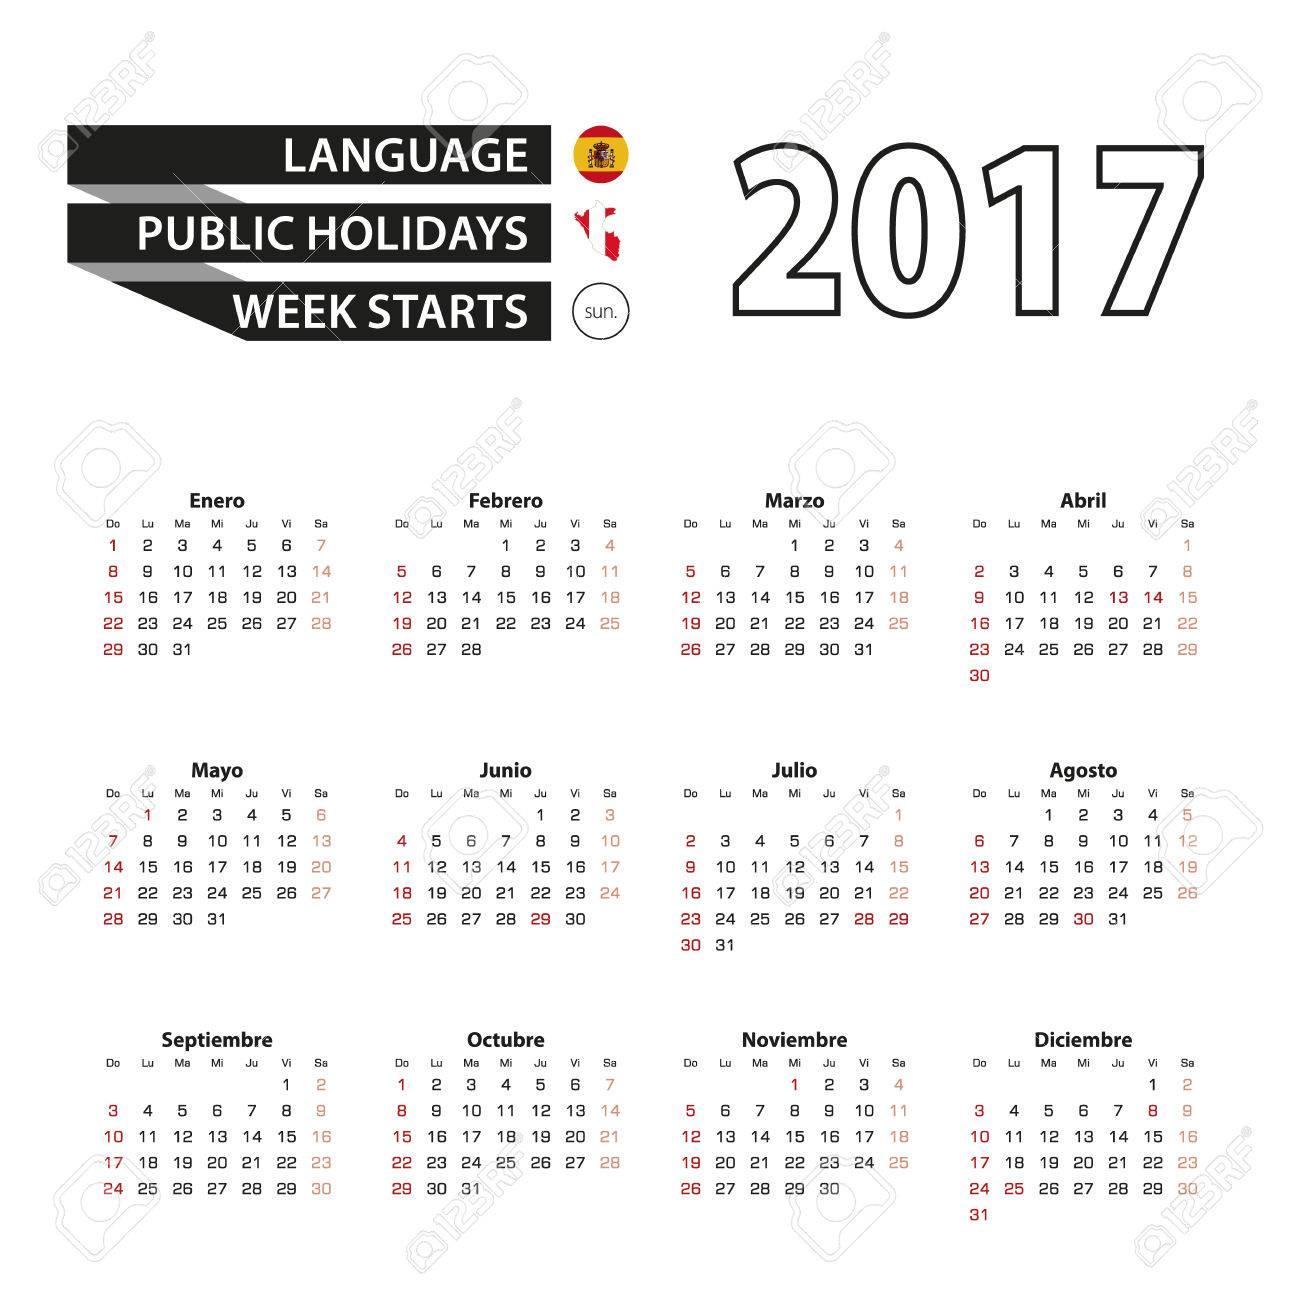 Calendario Con Giorni Festivi.Calendario 2017 In Lingua Spagnola Con I Giorni Festivi Per Il Peru Nell Anno 2017 La Settimana Inizia Da Domenica Calendario Semplice